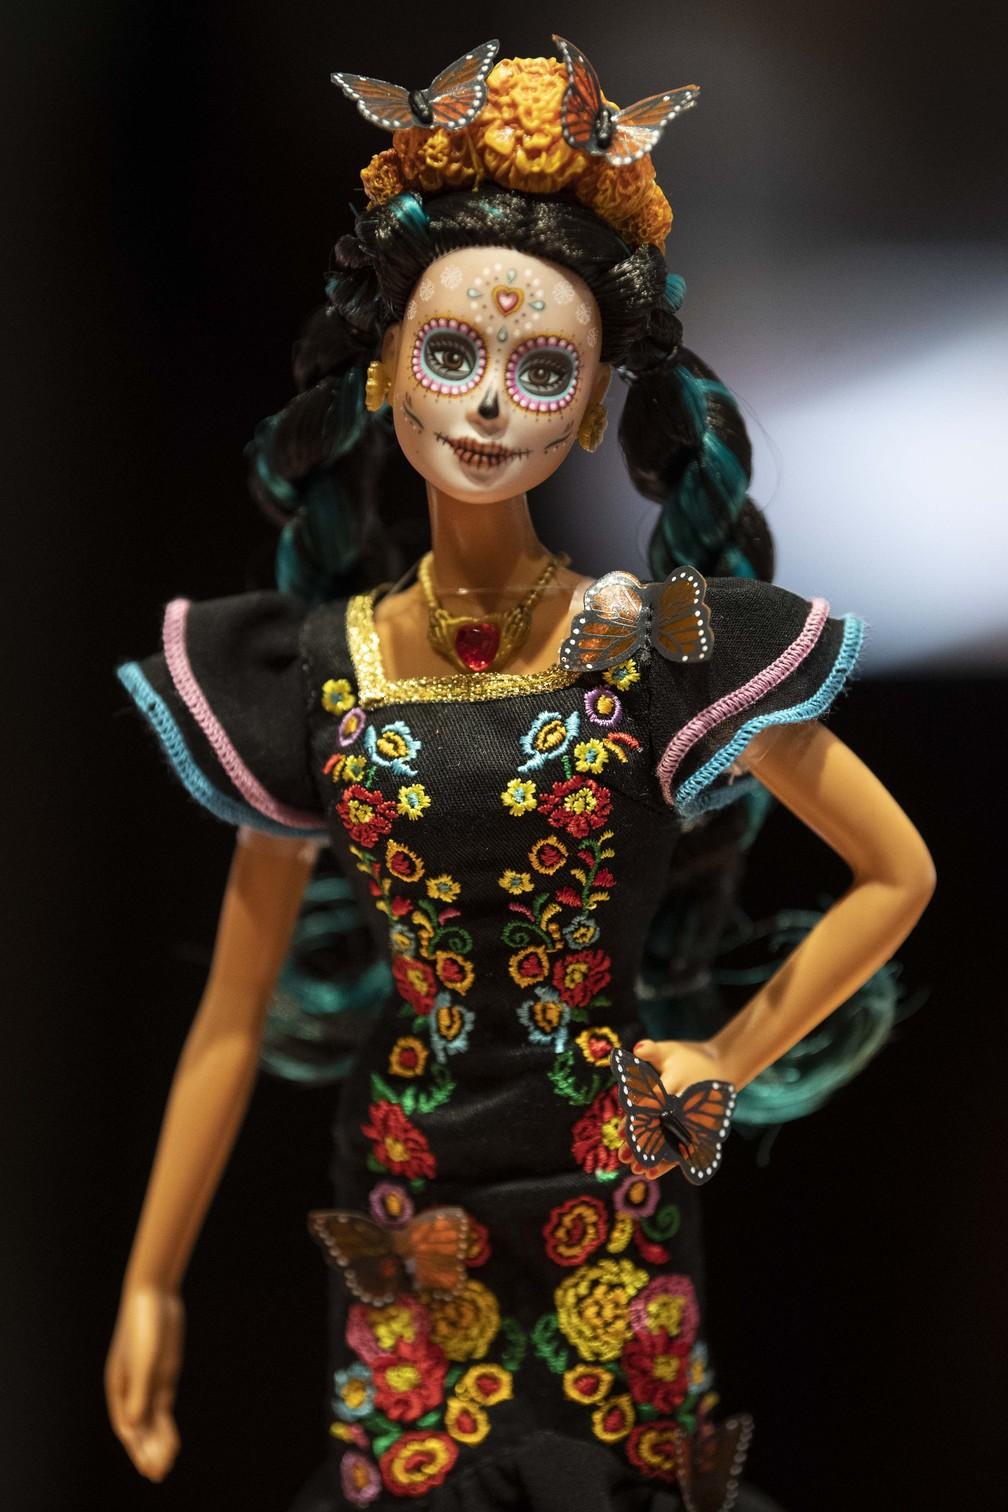 Edição especial da Barbie para o Dia dos Mortos custa cerca de R$ 367 — Foto: Pedro Pardo/AFP